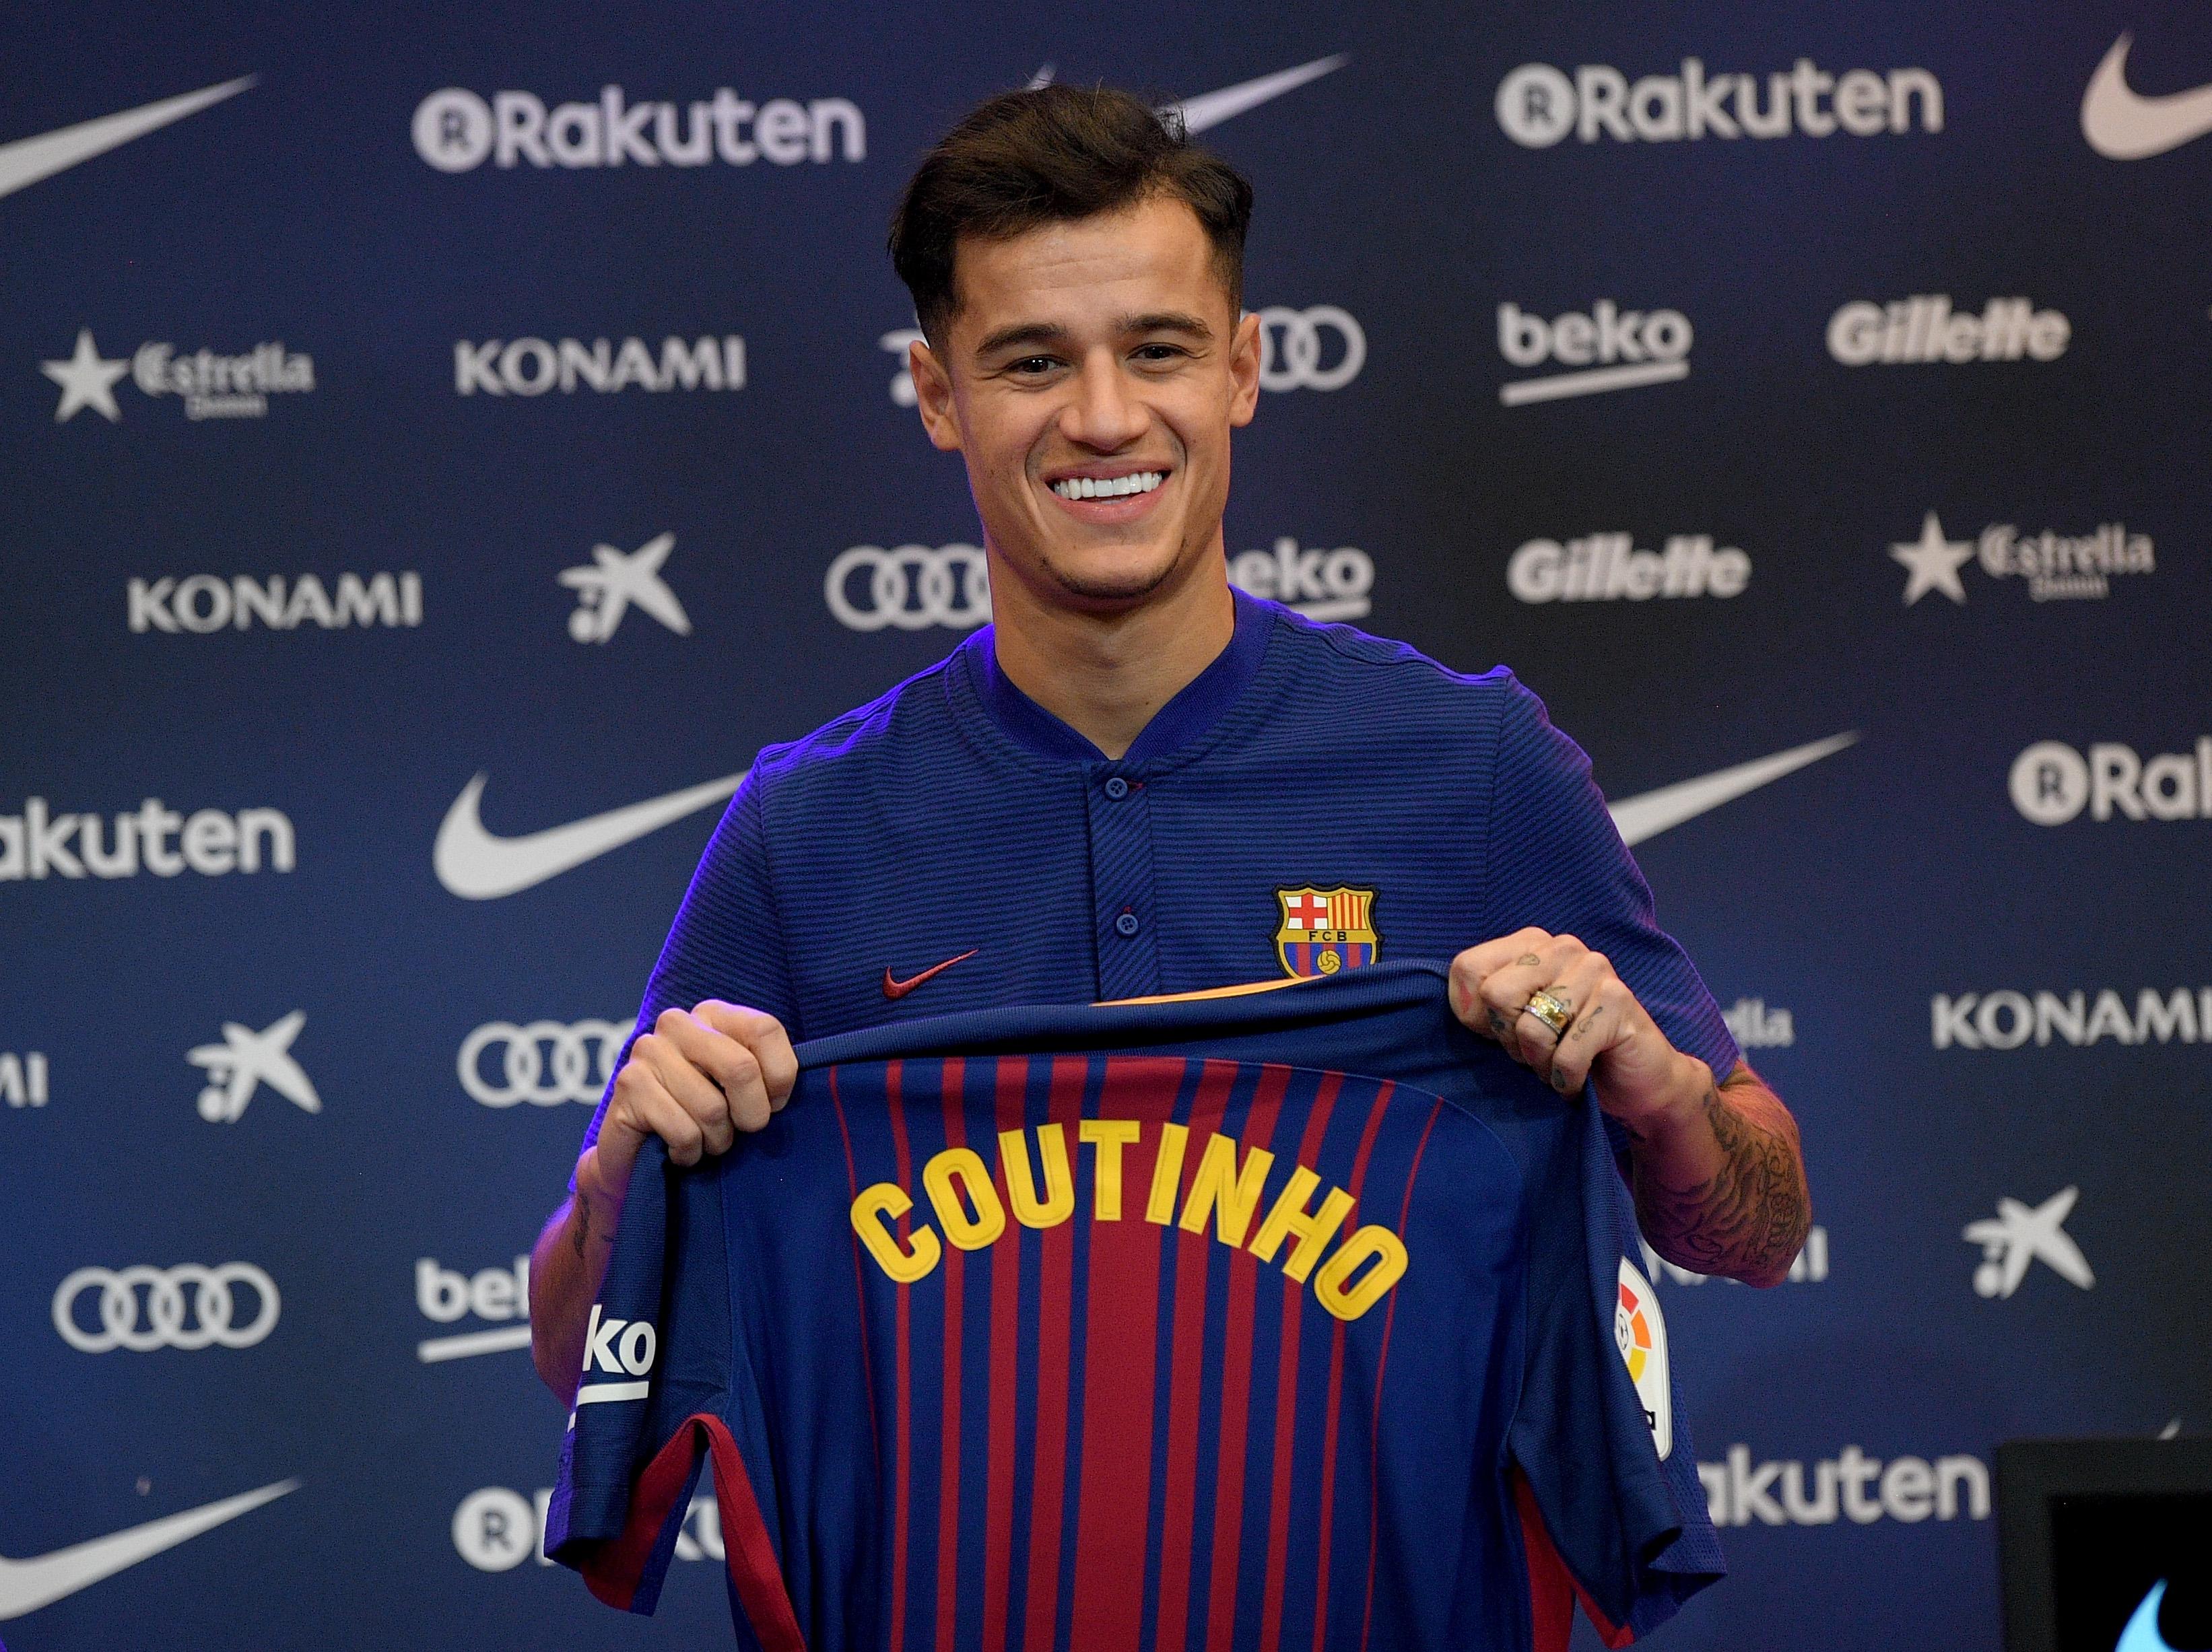 Vừa đặt chân đến Barcelona, Coutinho đã khen đồng đội tới tấp - Bóng Đá